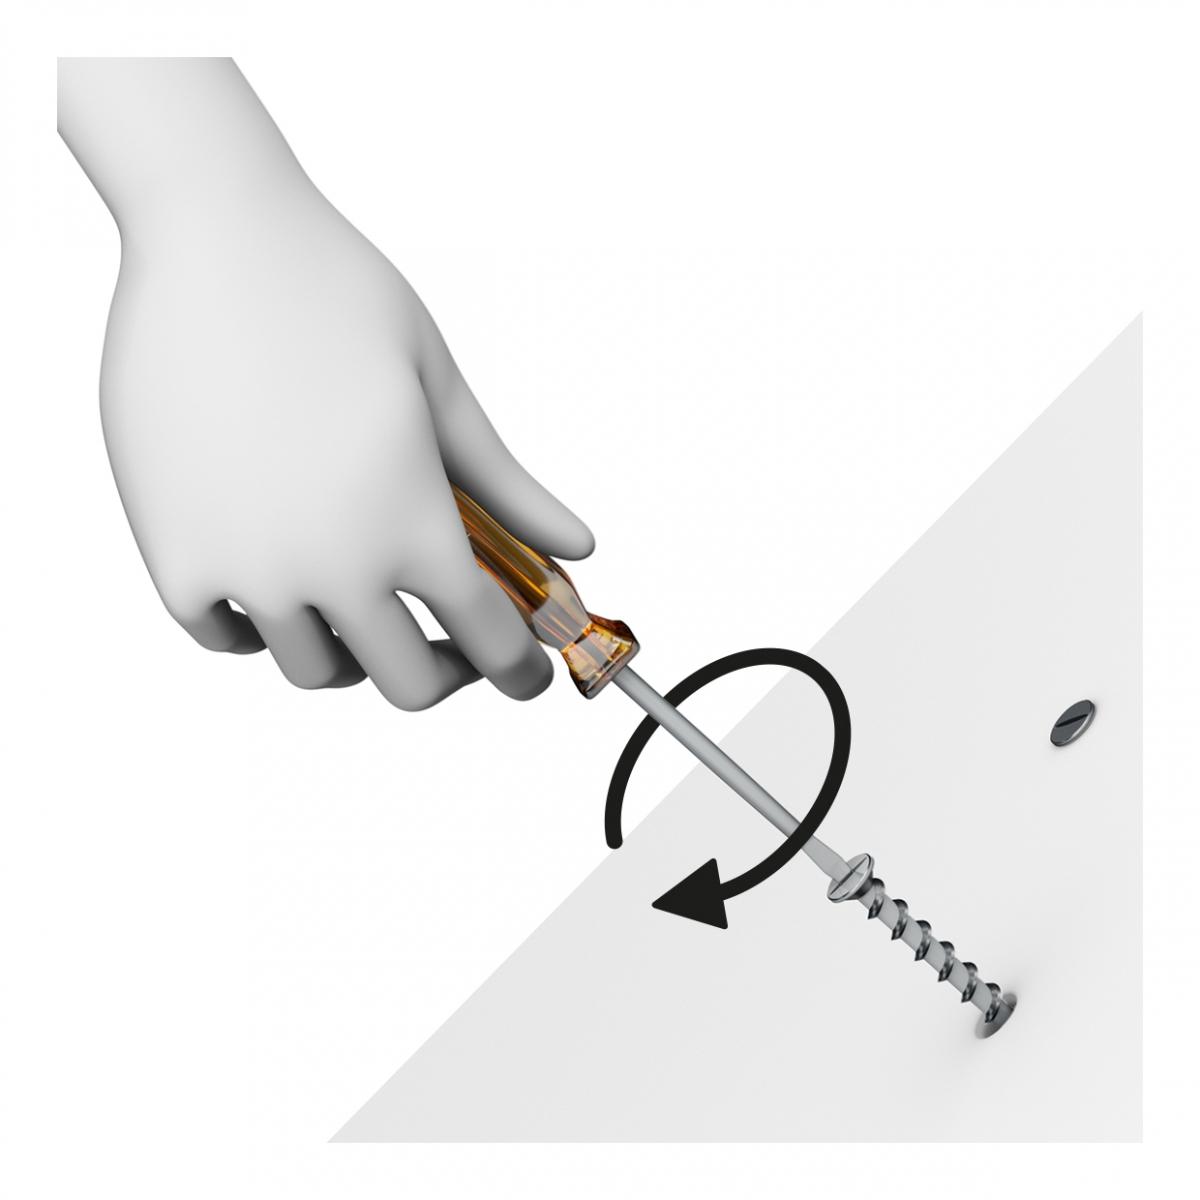 Imagen en la que una mano está atornillando un tornillo con un destornillador